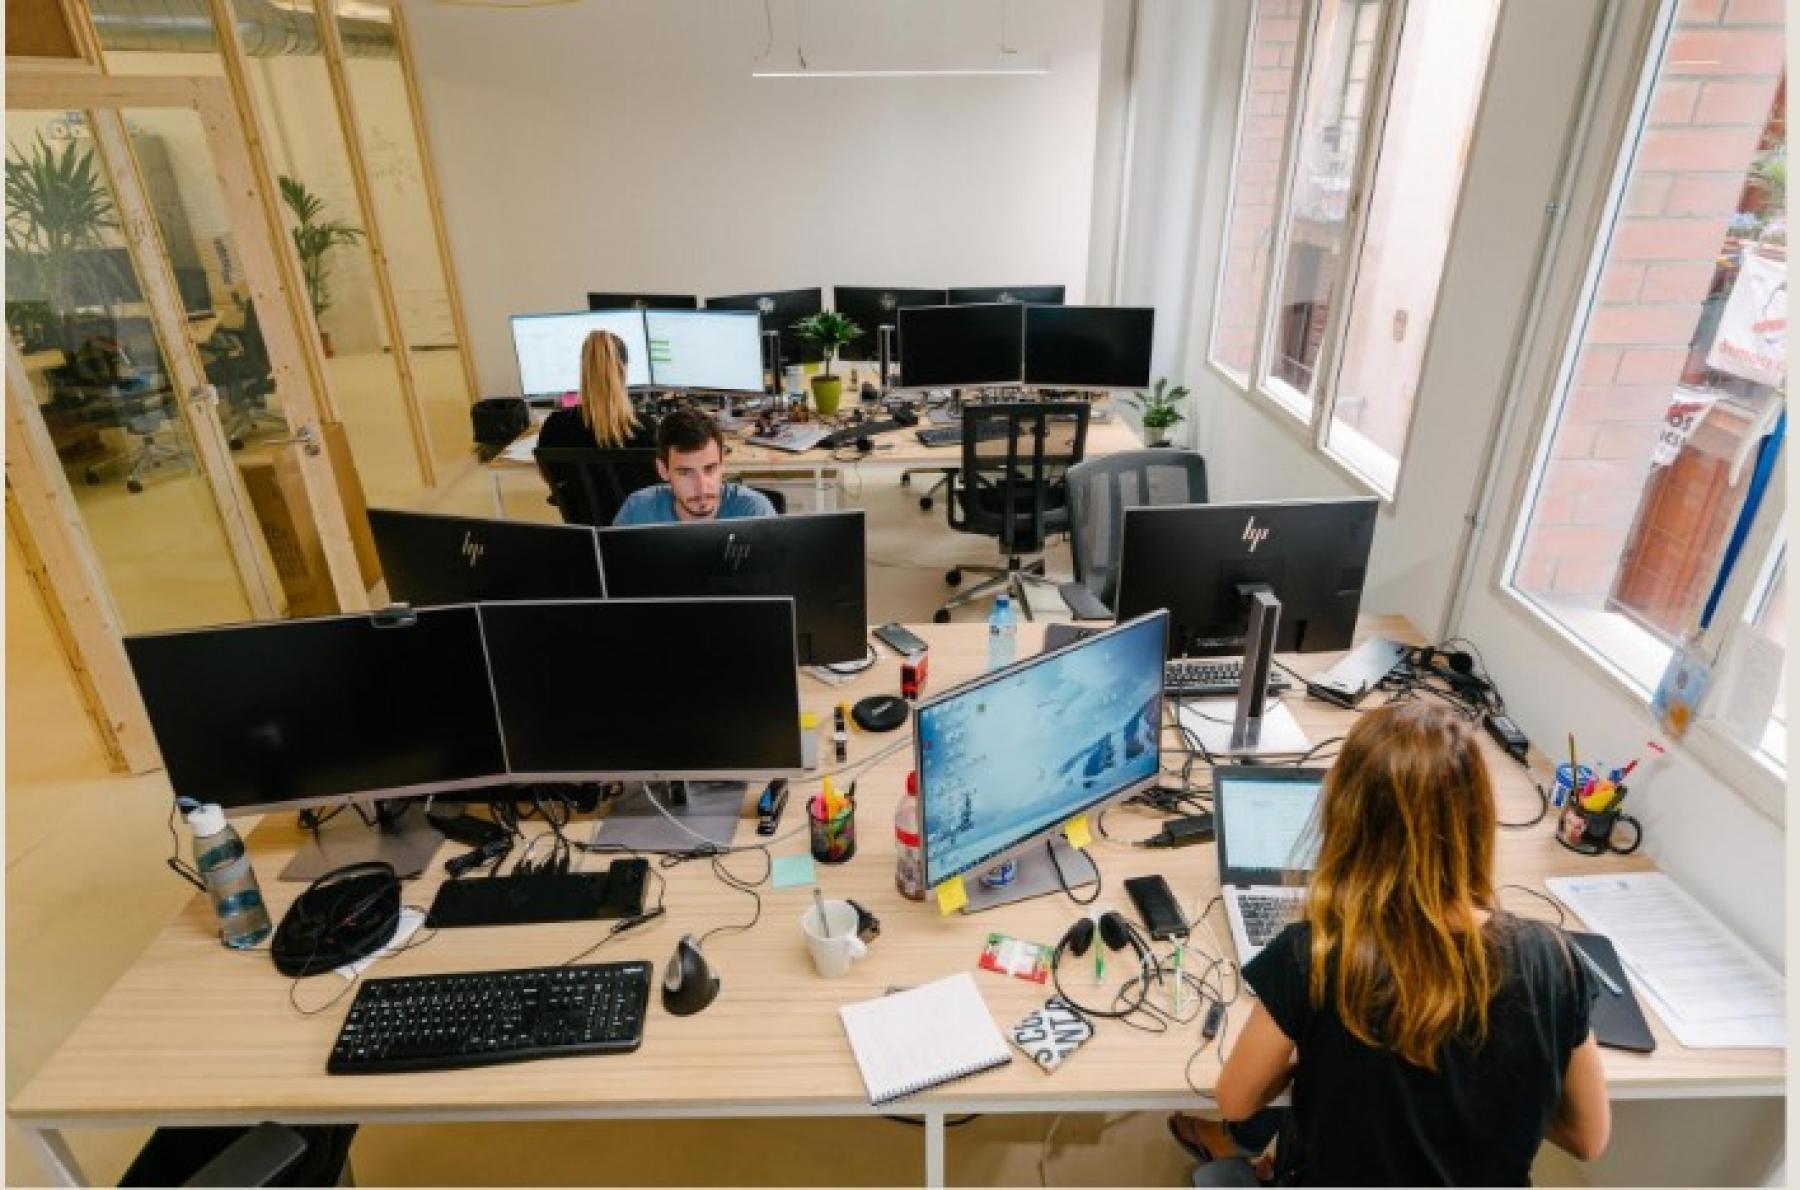 Alquilar oficinas Avenida de Francesc Cambó 17, Barcelona (1)